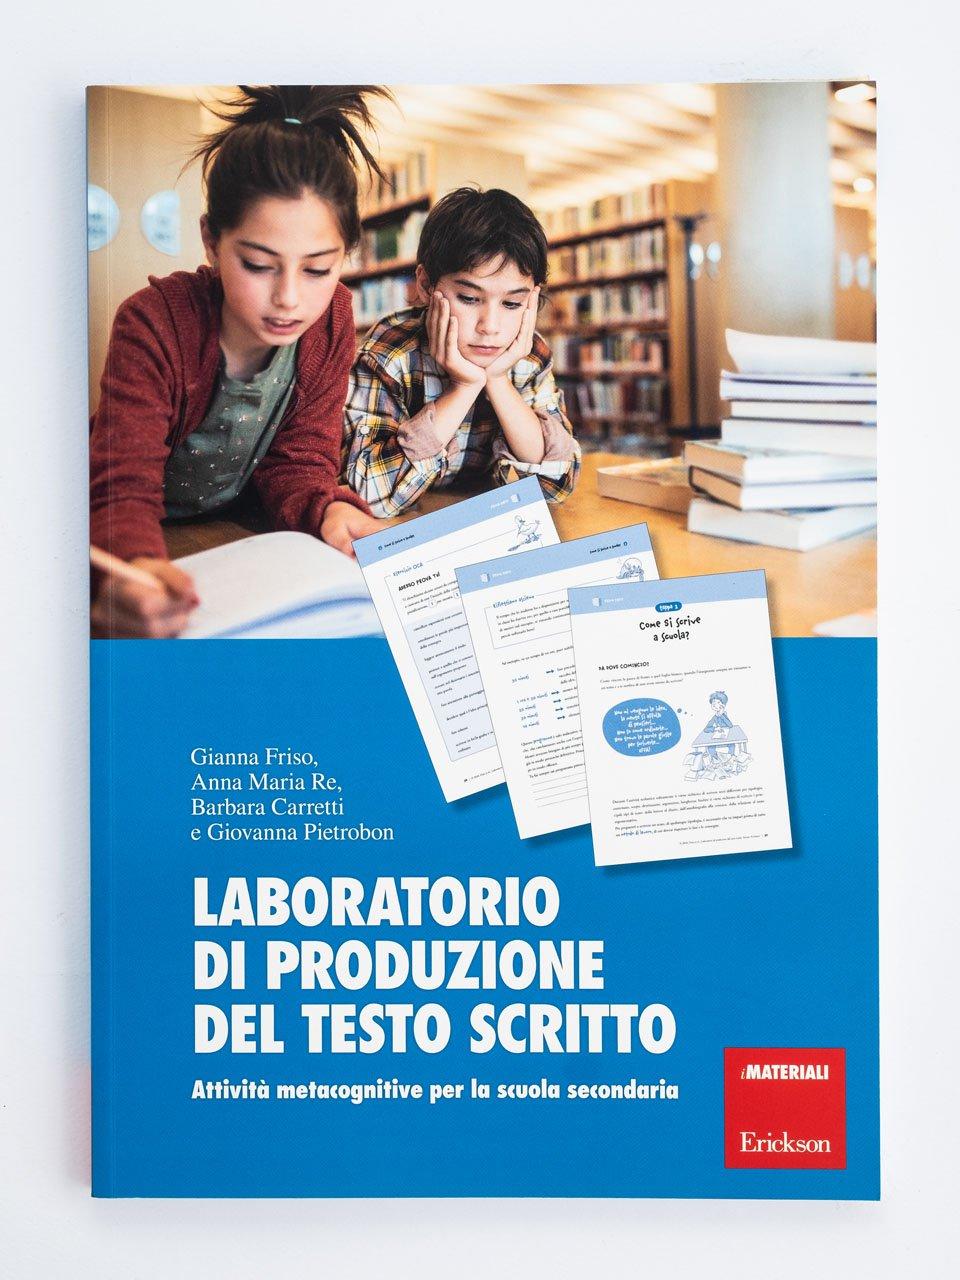 Laboratorio di produzione del testo scritto - Gianna Friso - Erickson